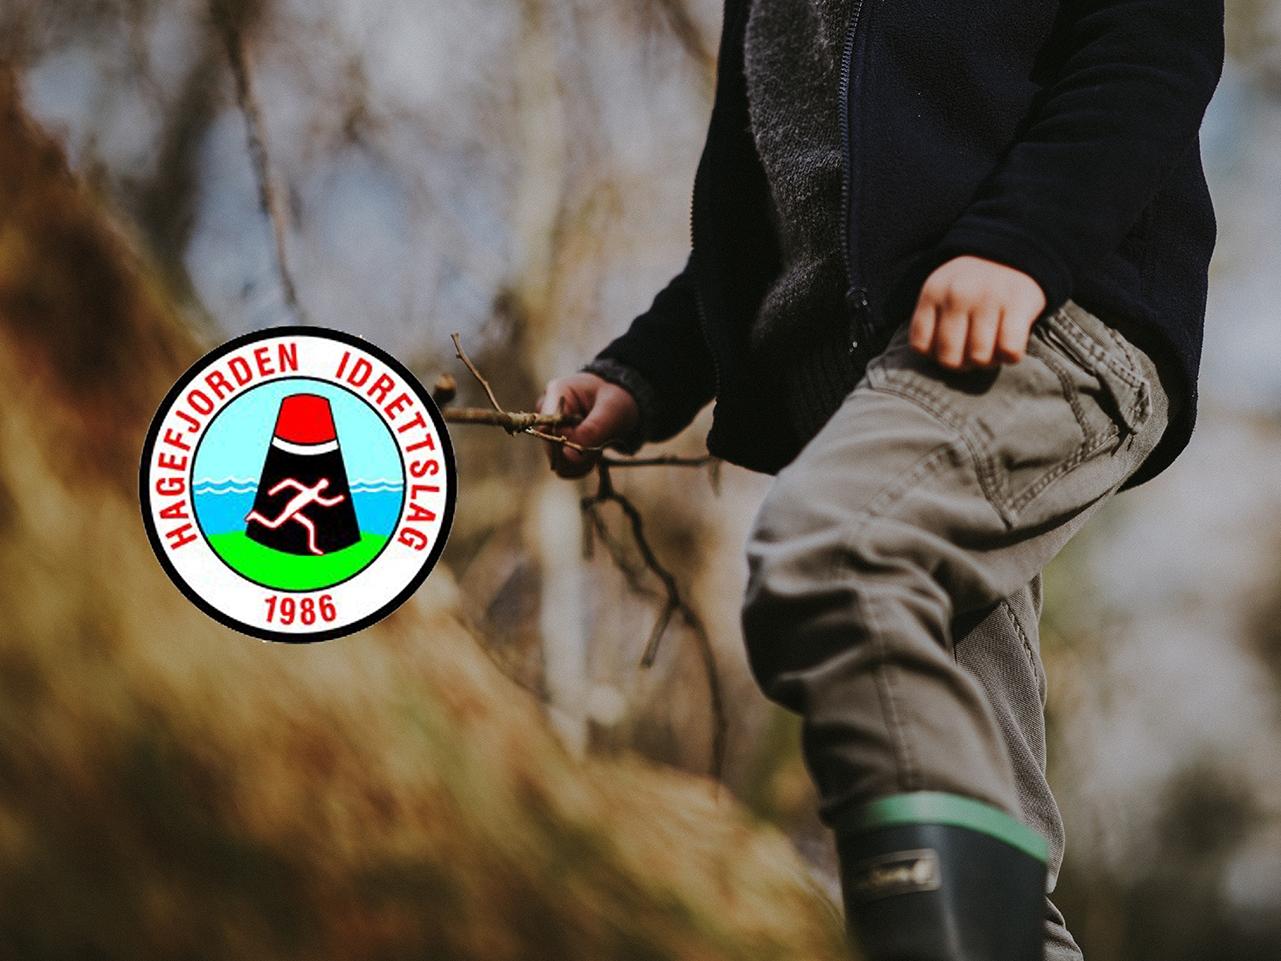 Hagefjorden Idrettslag ble startet i 1986 som et samarbeid på tvers av fjorden, mellom Sandøya og Borøya. Siden den gang har aktiviteten avtatt noe og idrettslaget er kun aktivt på Sandøya. Dette kommer blant annet av at antall barn er betraktlig mindre og at sentrale aktive personer har gitt seg. Men HIL holder fortsatt på og ønsker å holde aktiviteten oppe for å gi barn og voksne på Sandøya et lokalt idrettstilbud. -